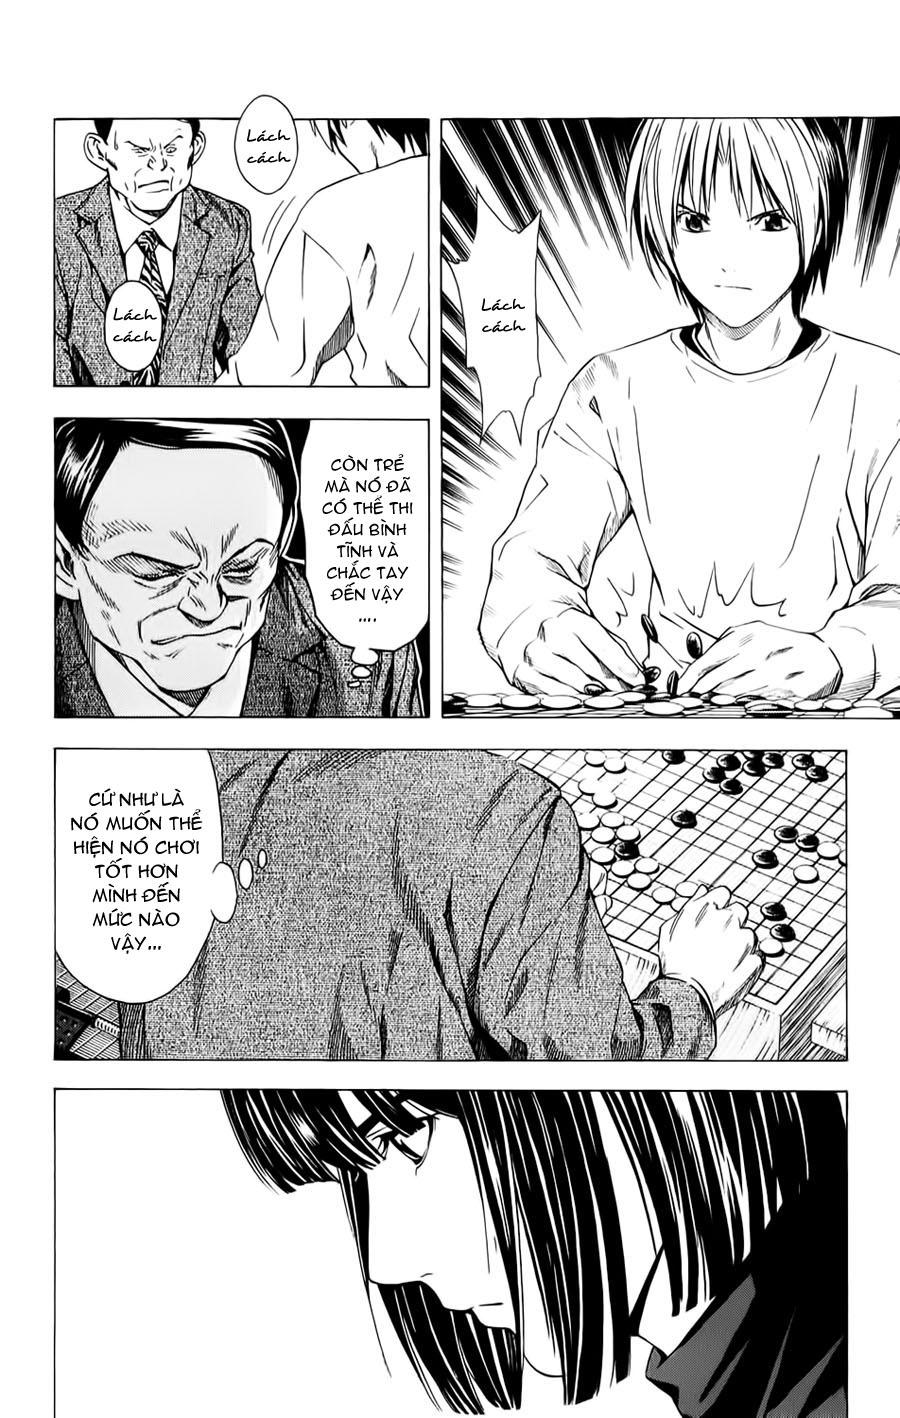 Hikaru No Go hikaru no go chap 153 trang 15